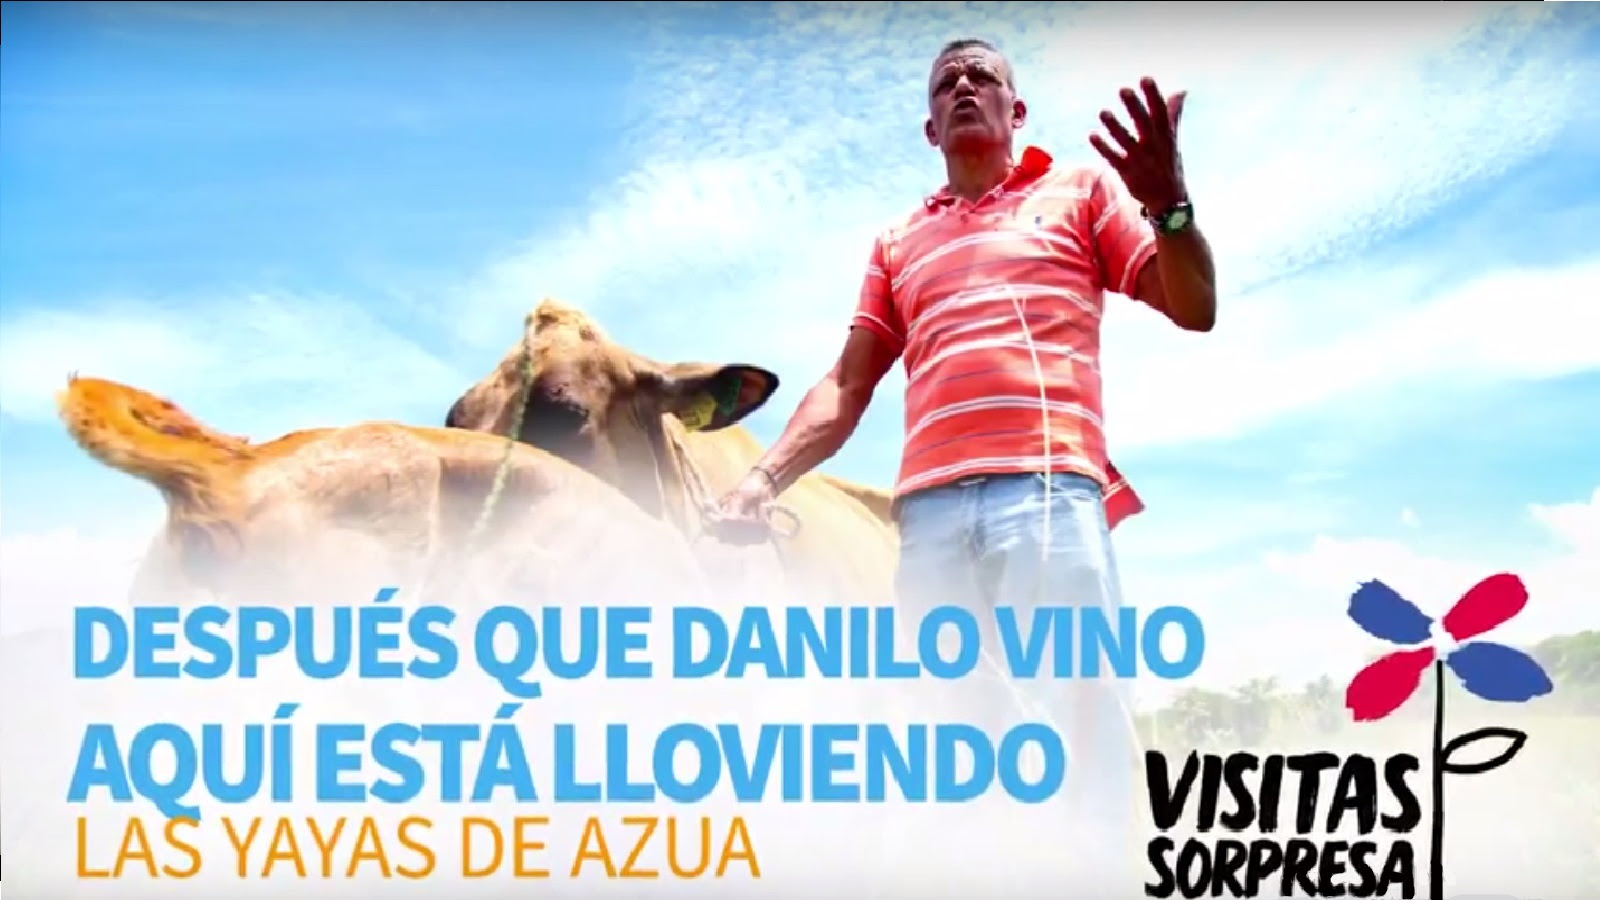 VIDEO: Las Yayas de Azua. Después que Danilo vino, aquí está lloviendo